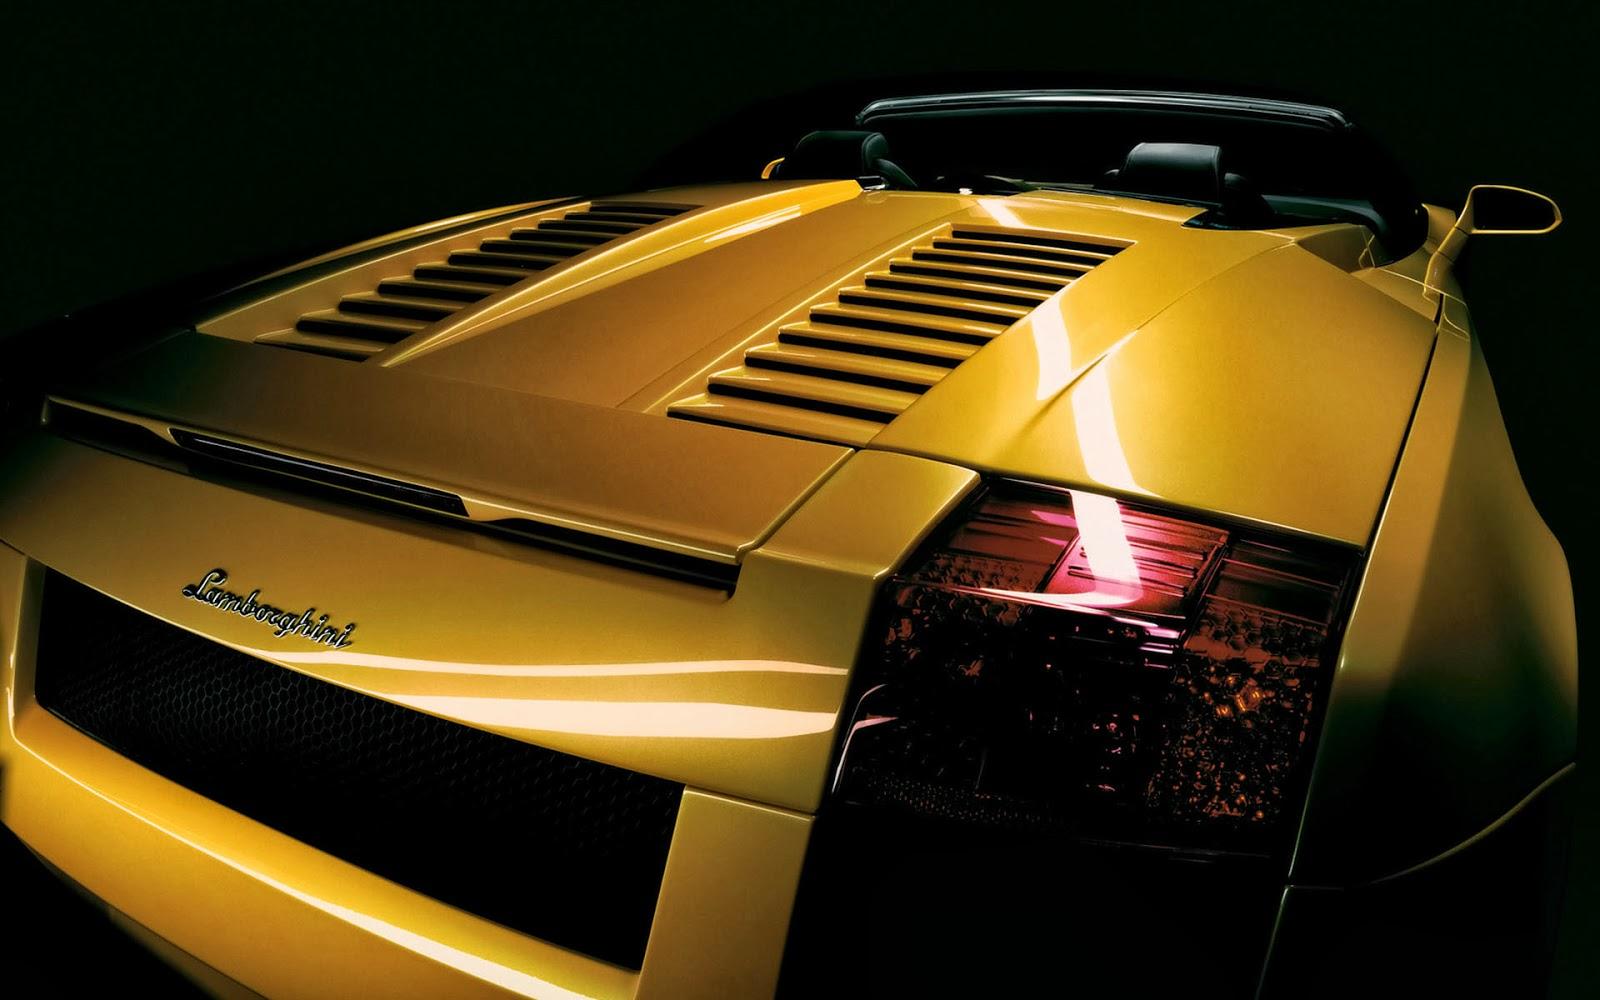 Fondos HD Wallpapers: Fondo De Pantalla Coche Lamborghini